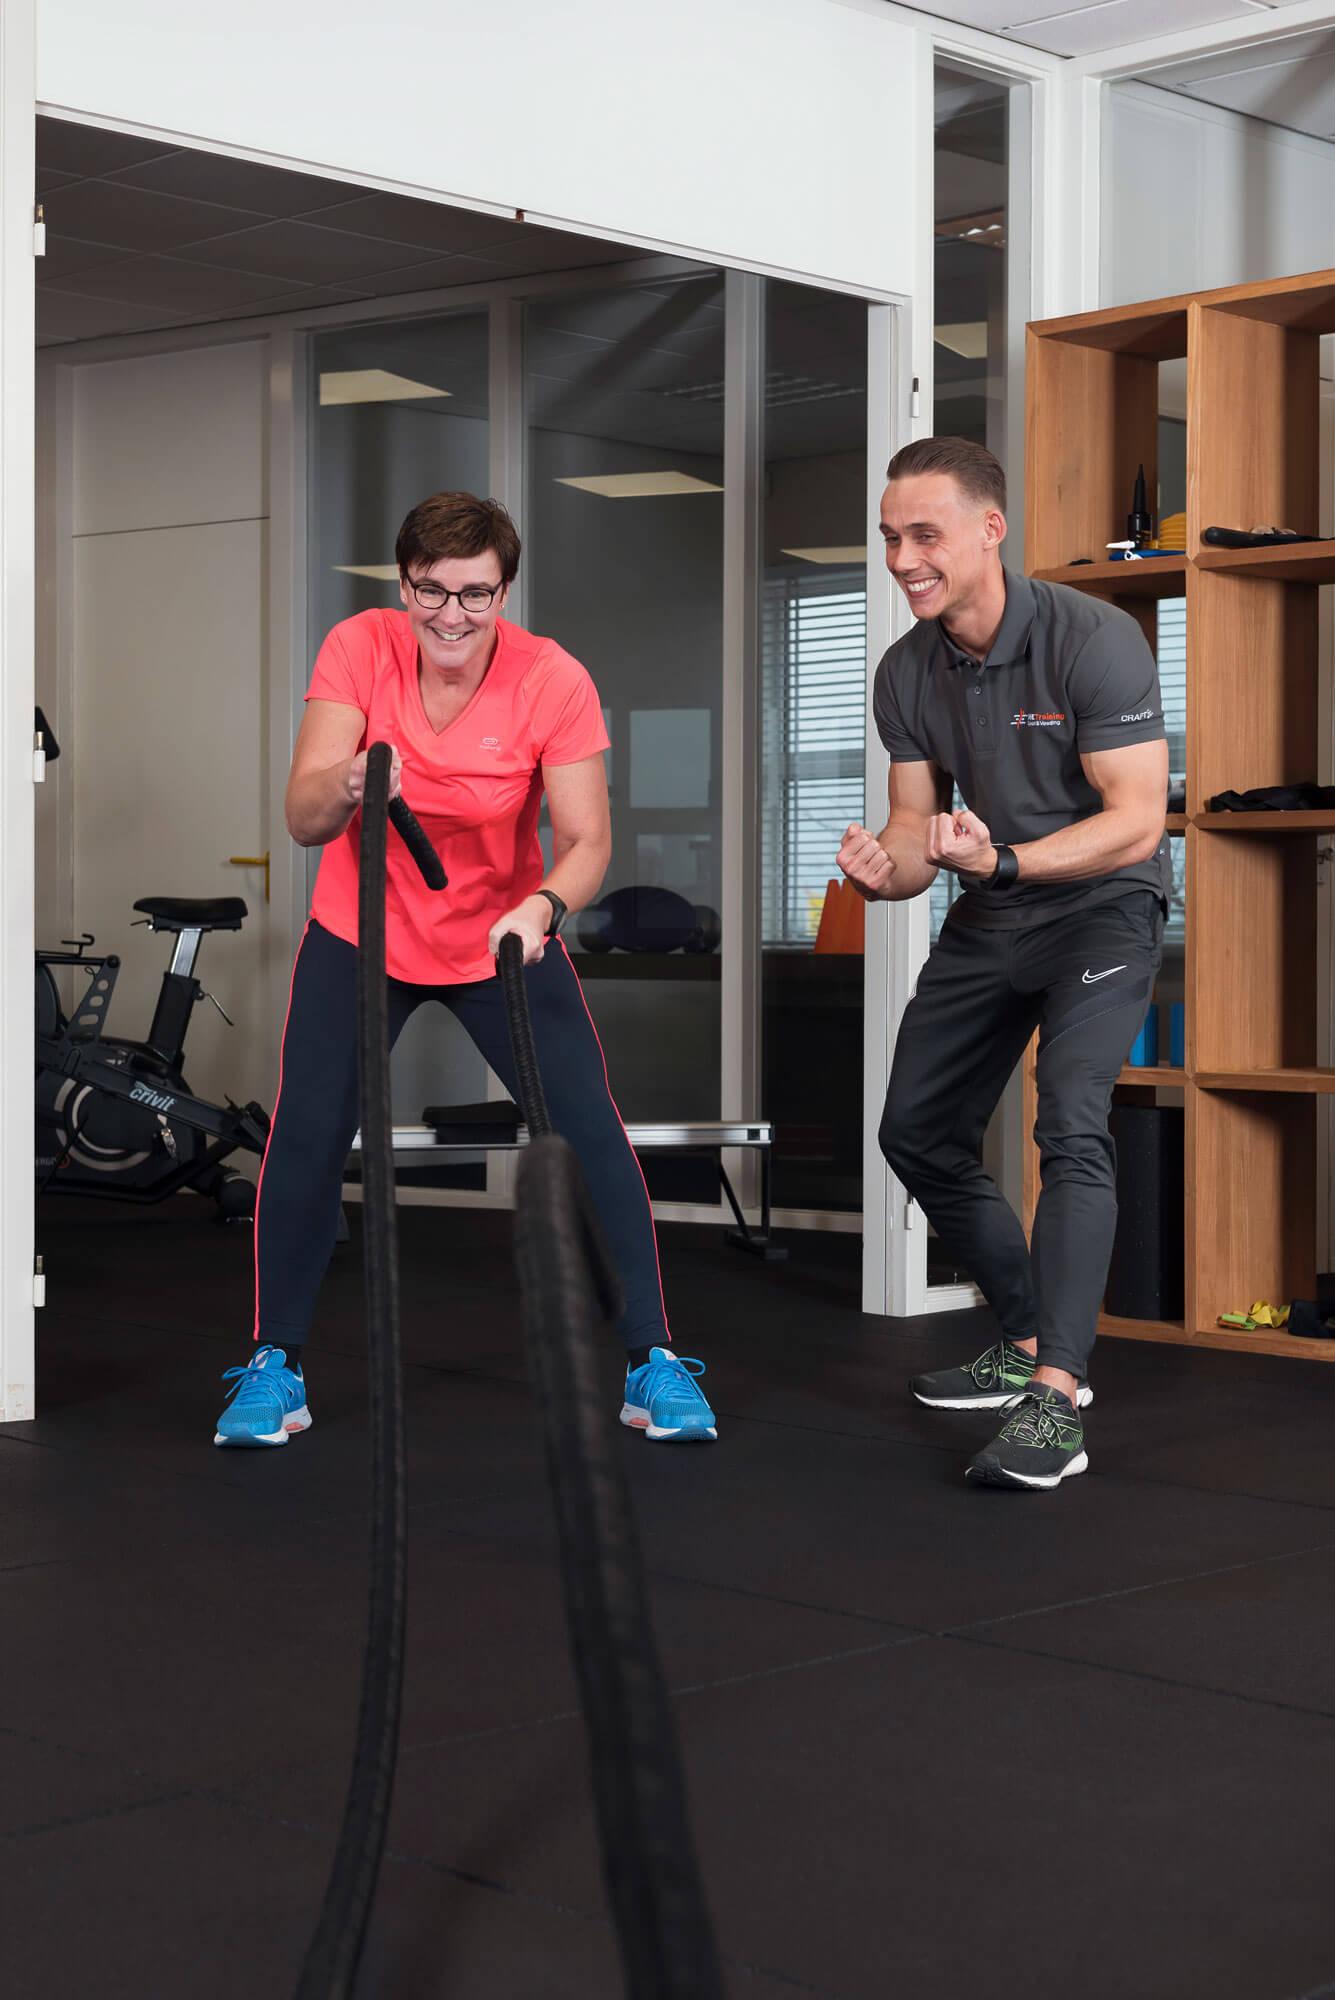 Personal trainer en client